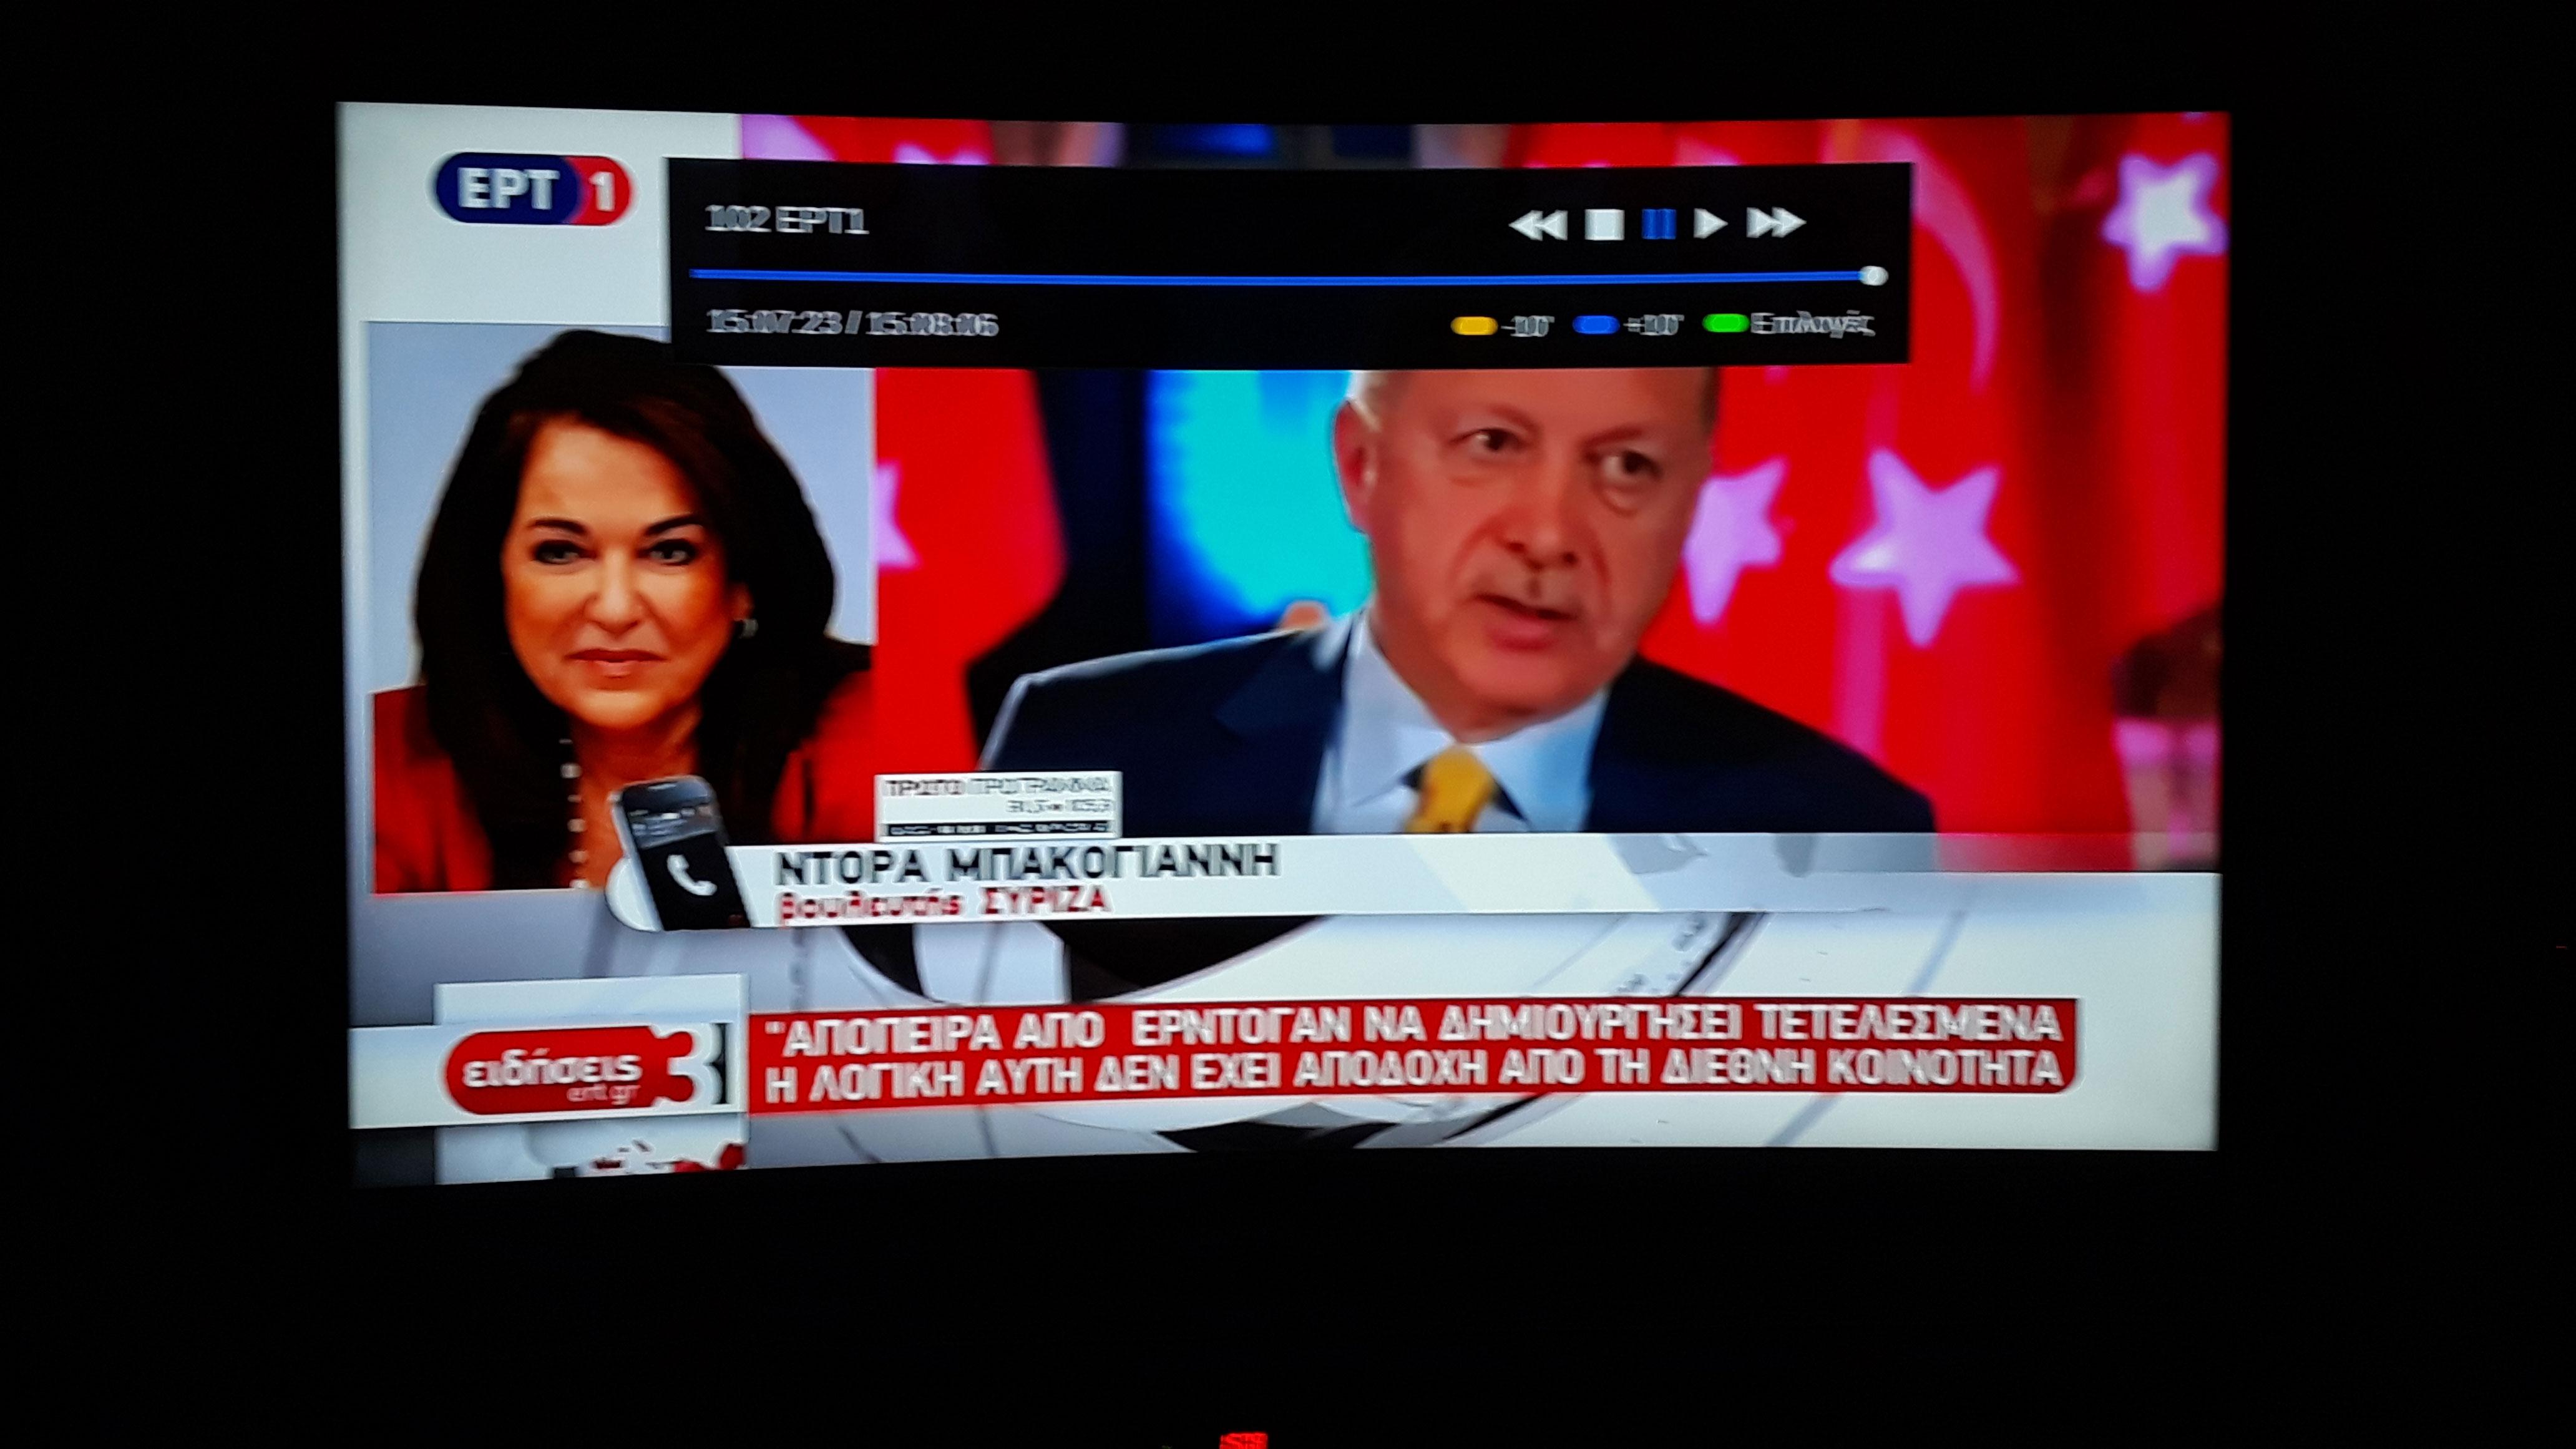 Επική γκάφα ΕΡΤ: Ντόρα Μπακογιάννη, βουλευτής ΣΥΡΙΖΑ!